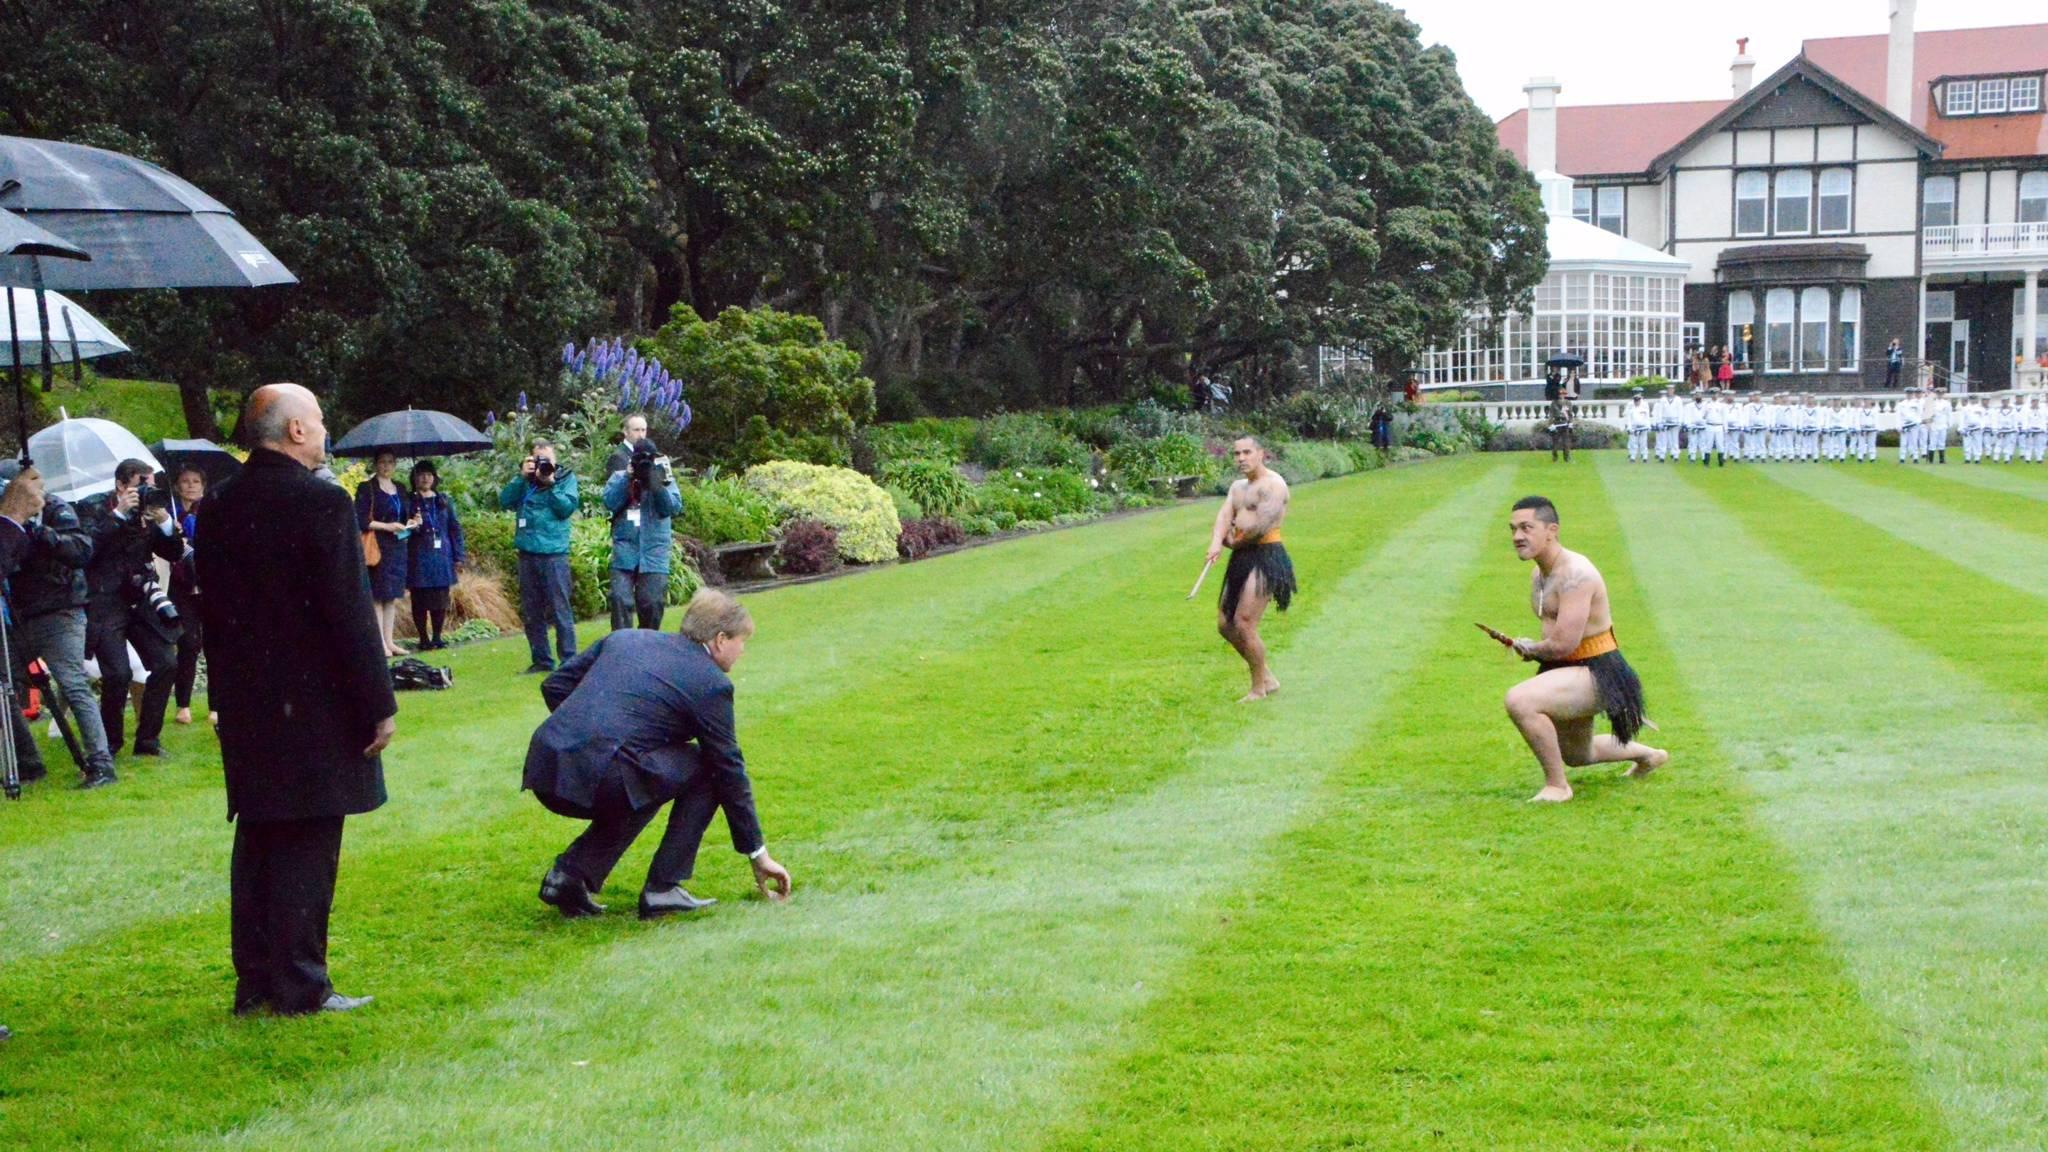 Nieuw Zeeland Facebook: Nieuw-Zeeland Ontvangt Koningspaar Met Maori-ceremonie